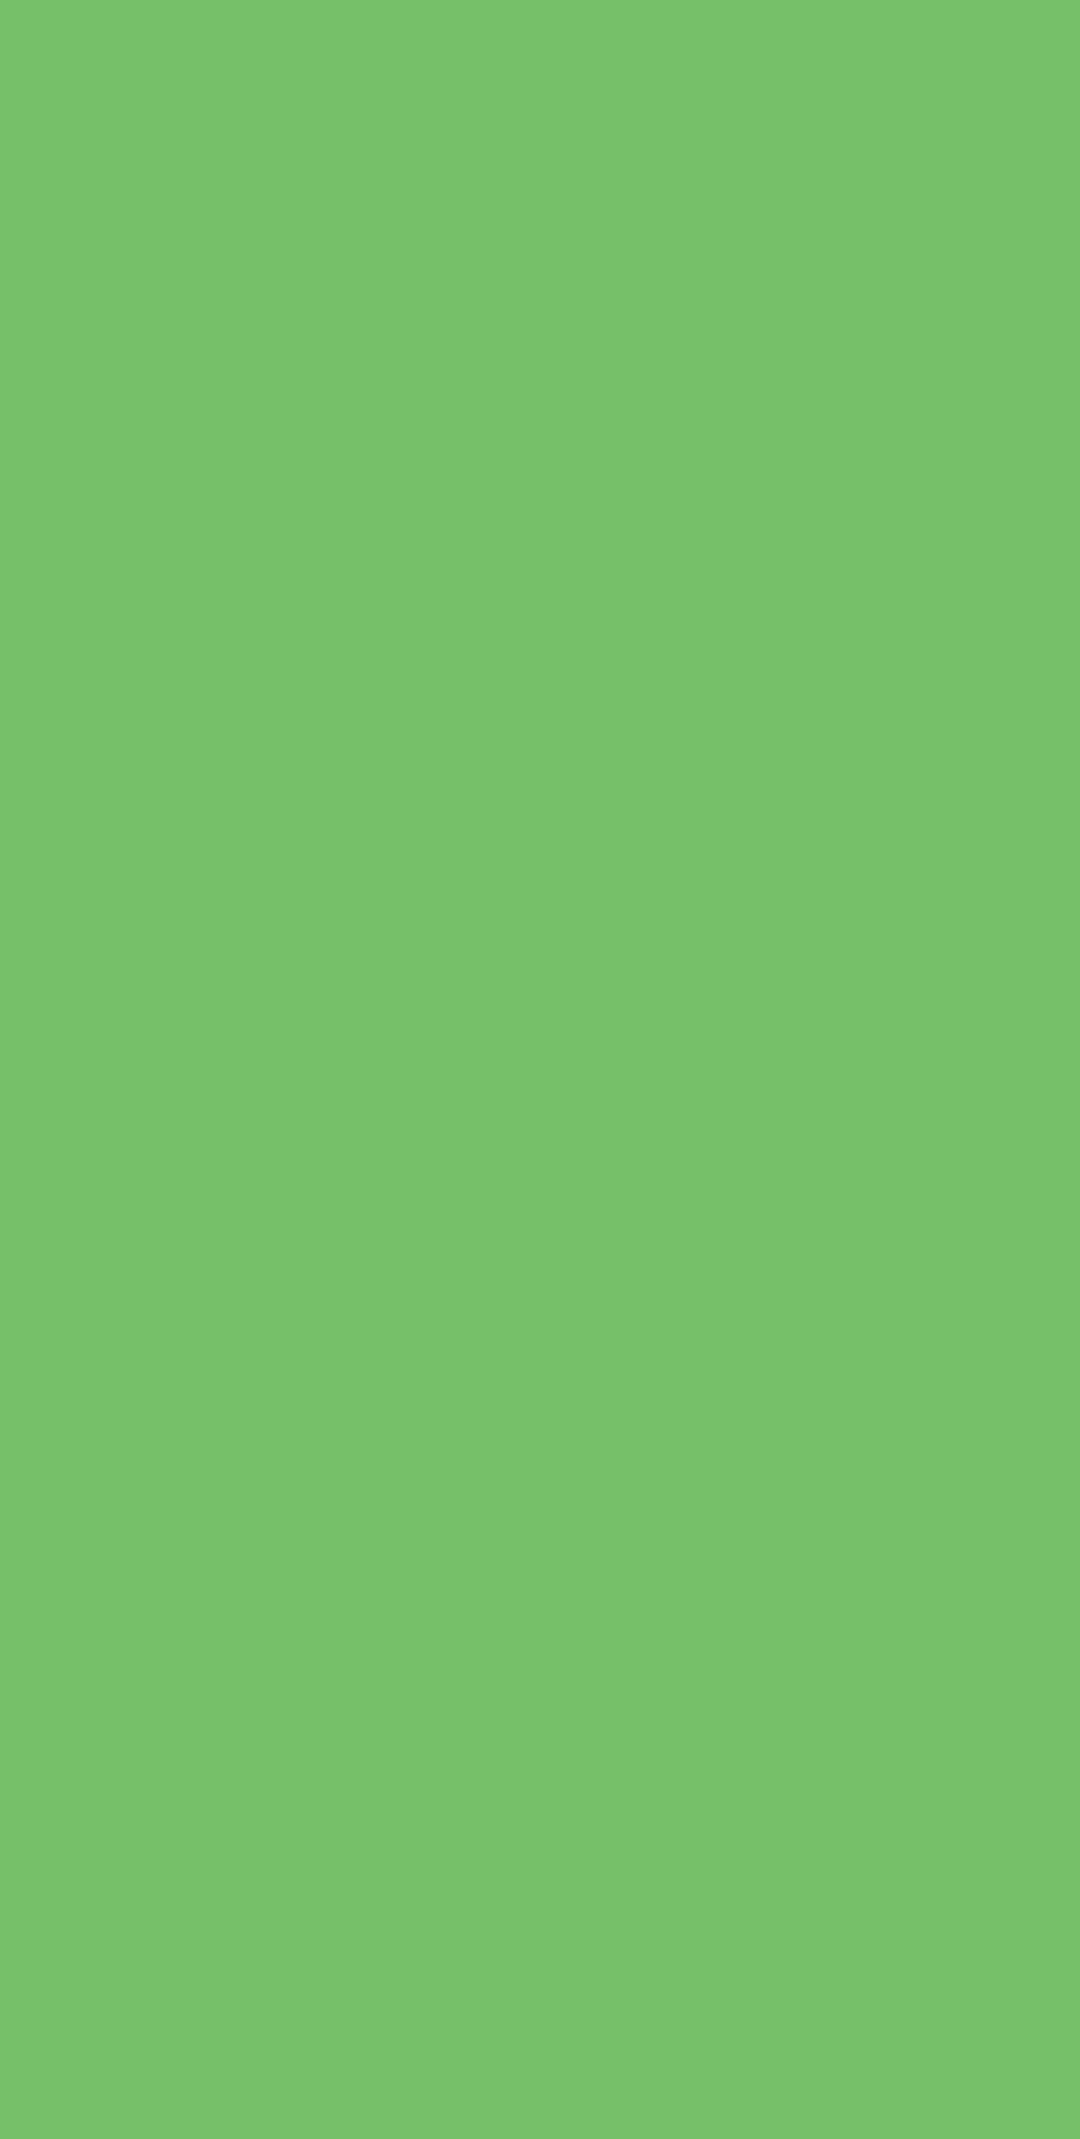 Duz Renkler Renkler Yesil Instagram Alintilari